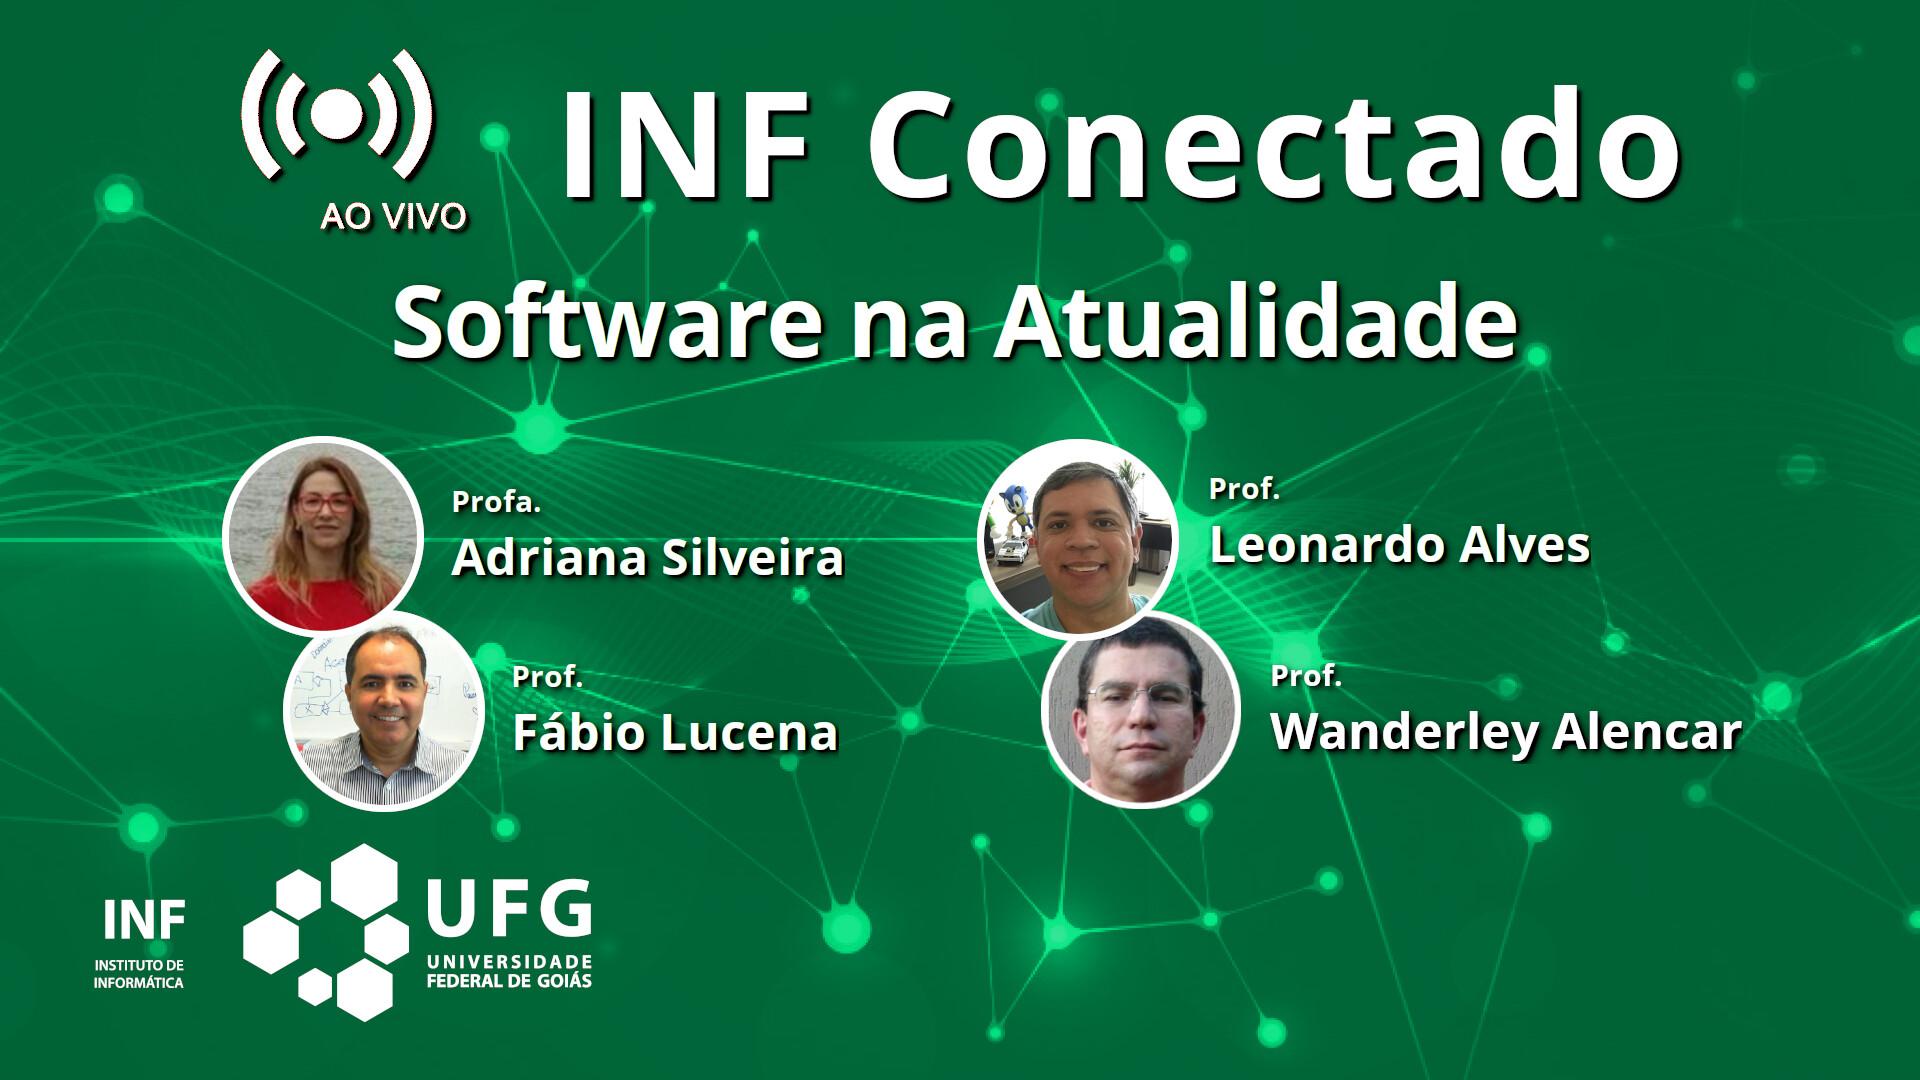 INF Conectado - YouTube - 08